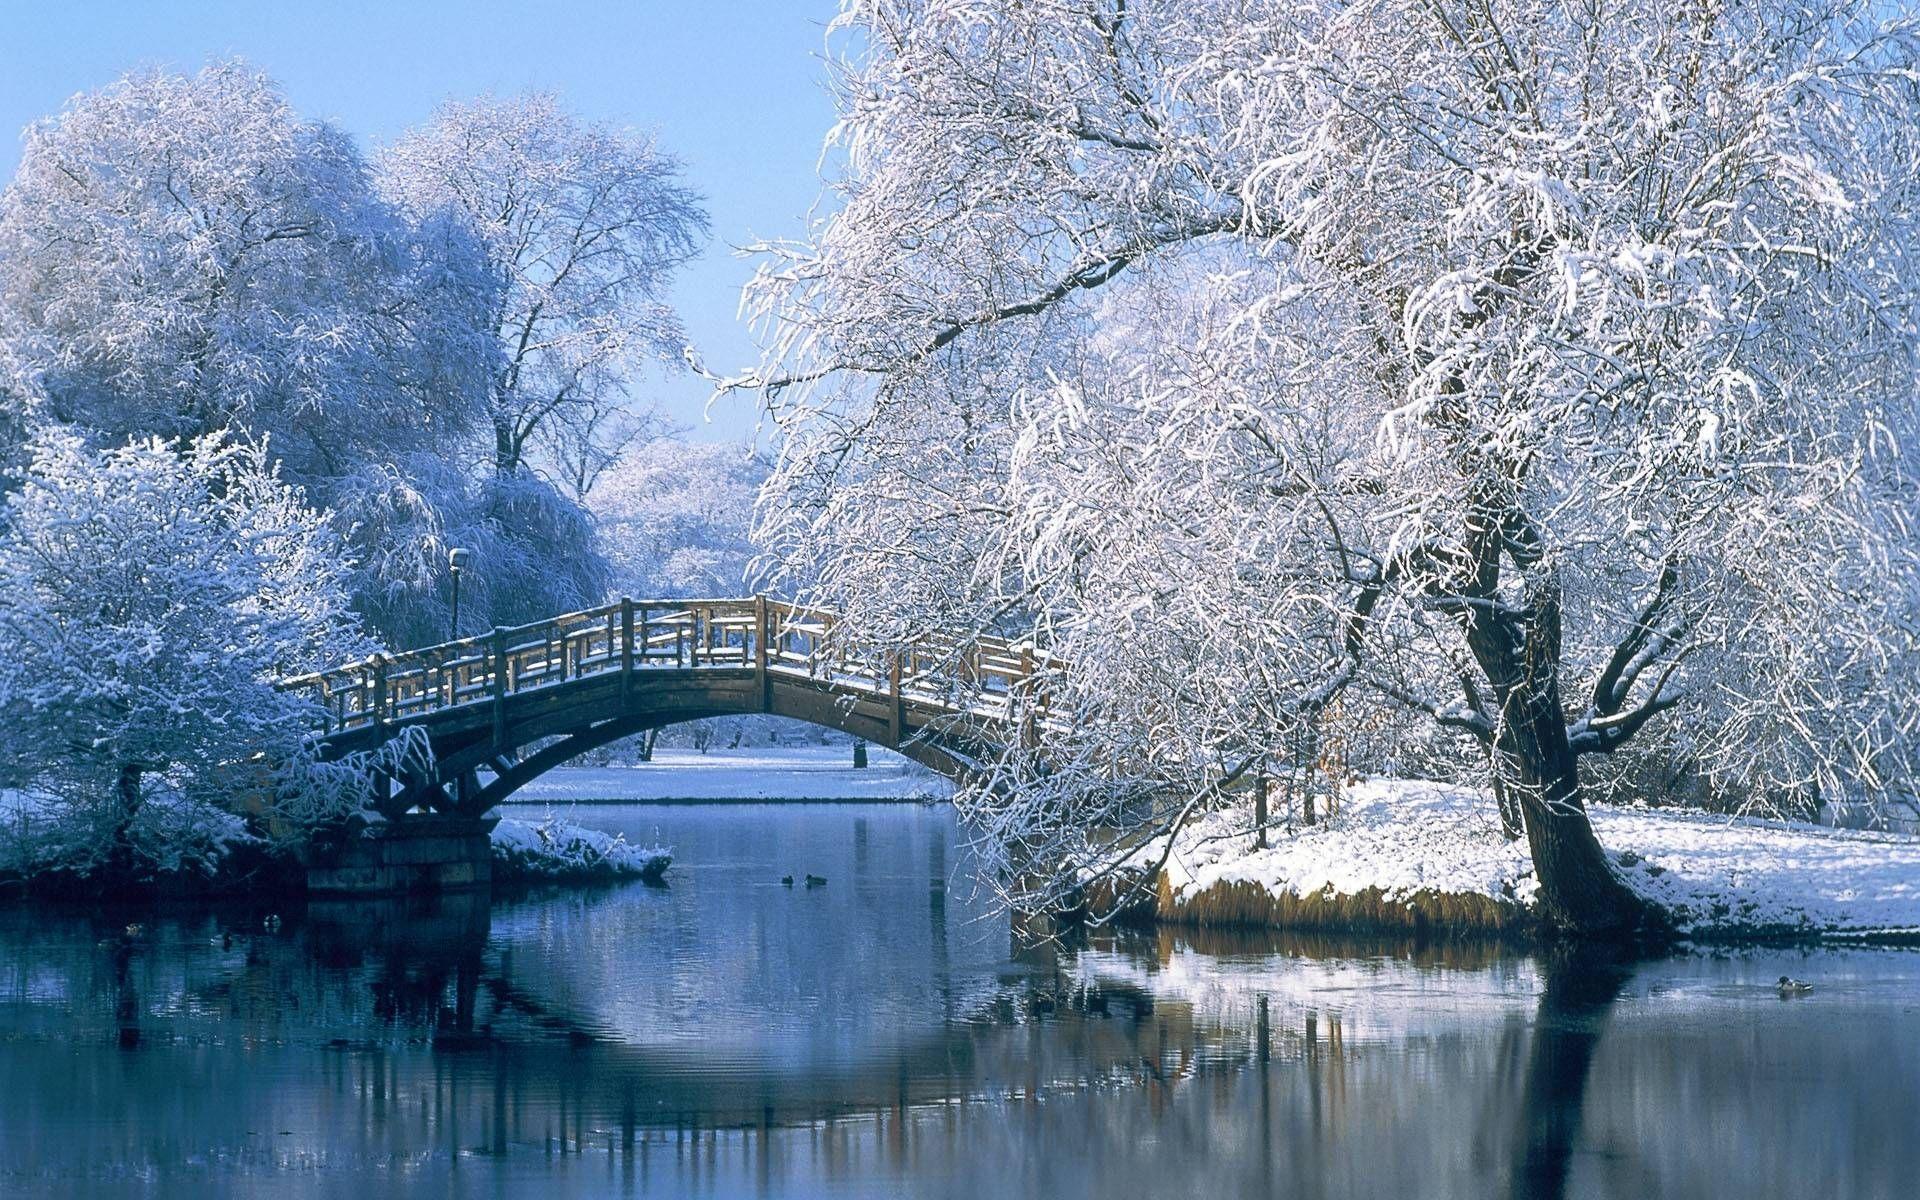 10 Top Winter Scene Desktop Wallpaper Full Hd 1080p For Pc Desktop Winter Scenery Winter Landscape Winter Pictures